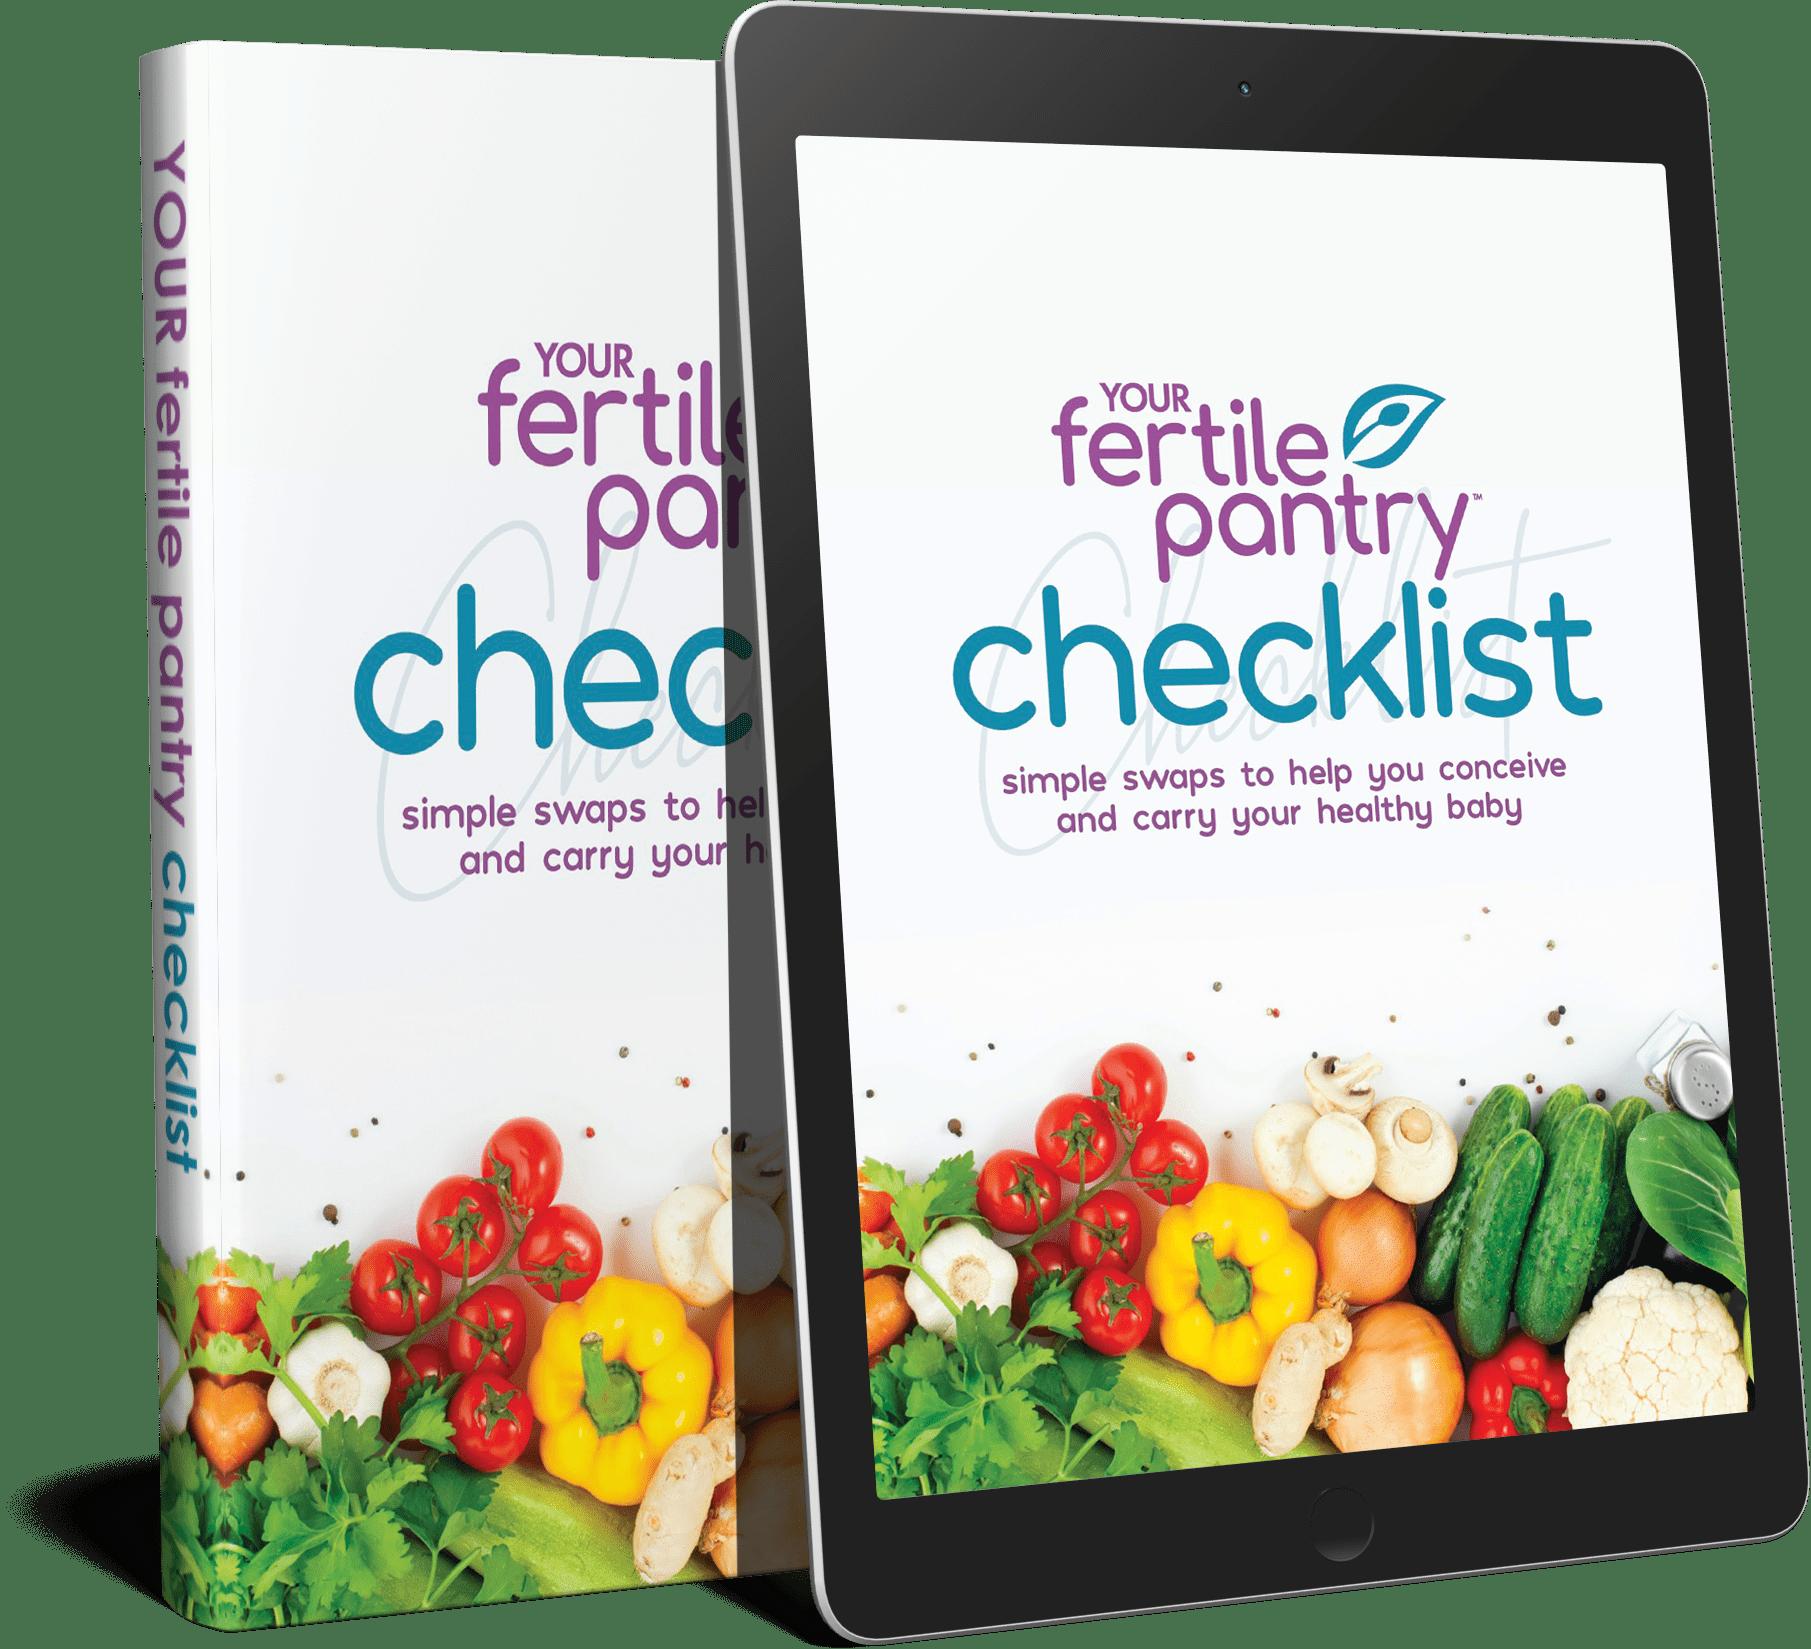 Your-fertile-pantry-checklist-